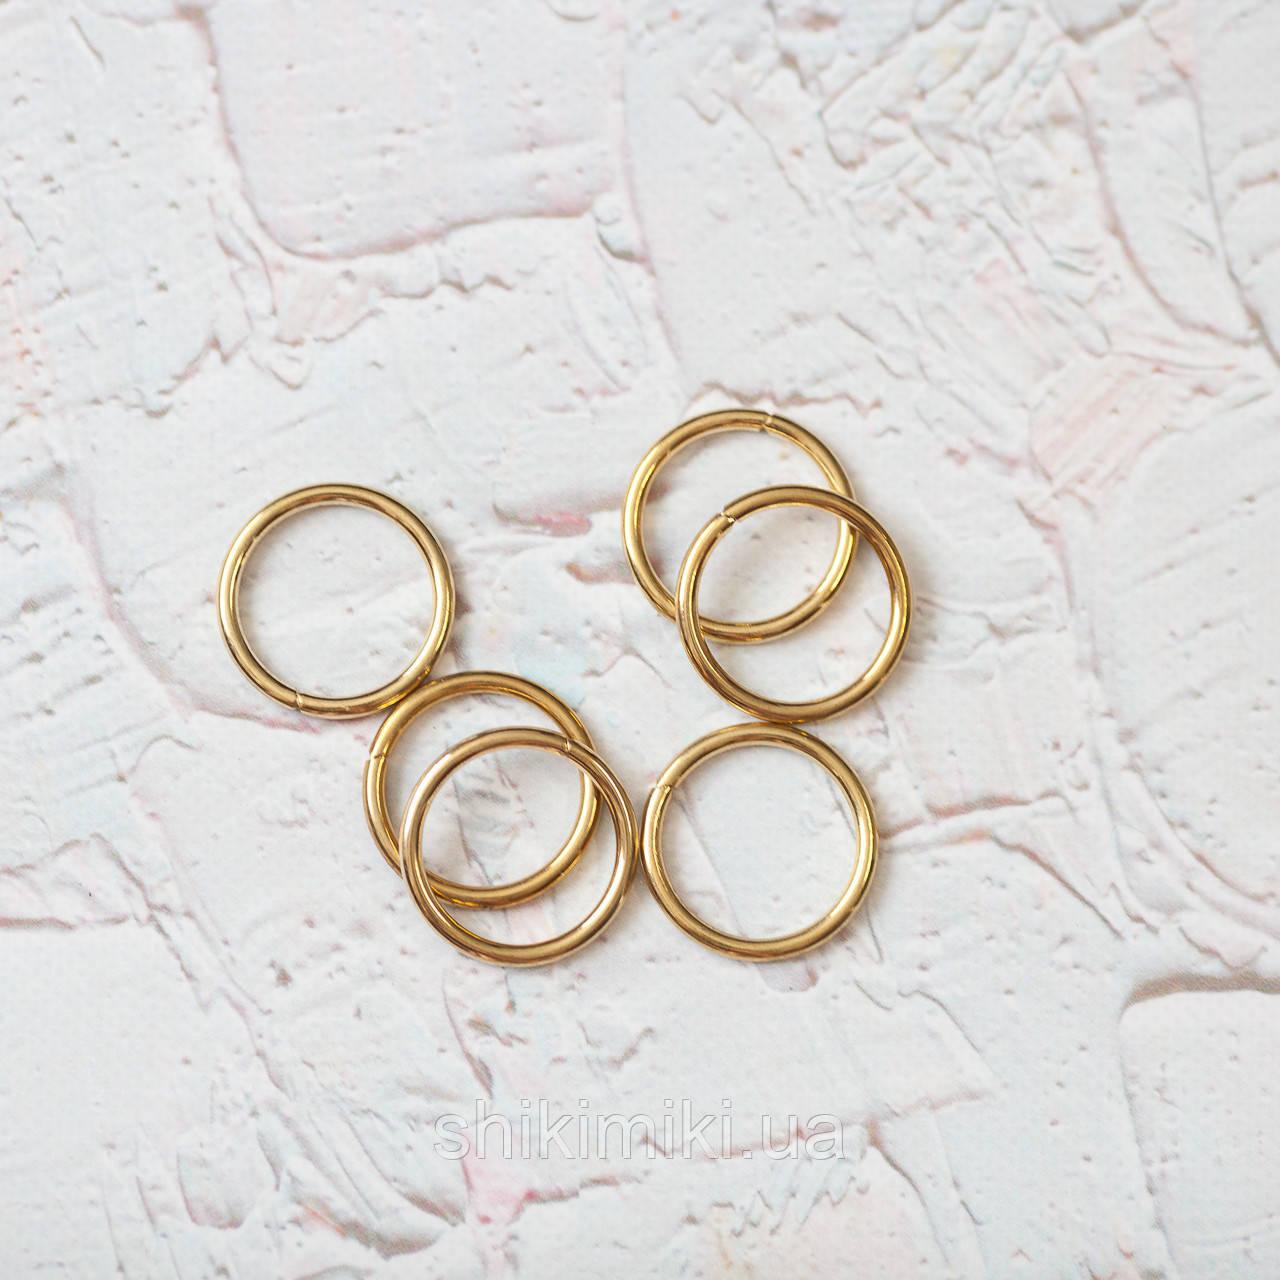 Кольца соединительные KL25-3 (25 мм), цвет золото